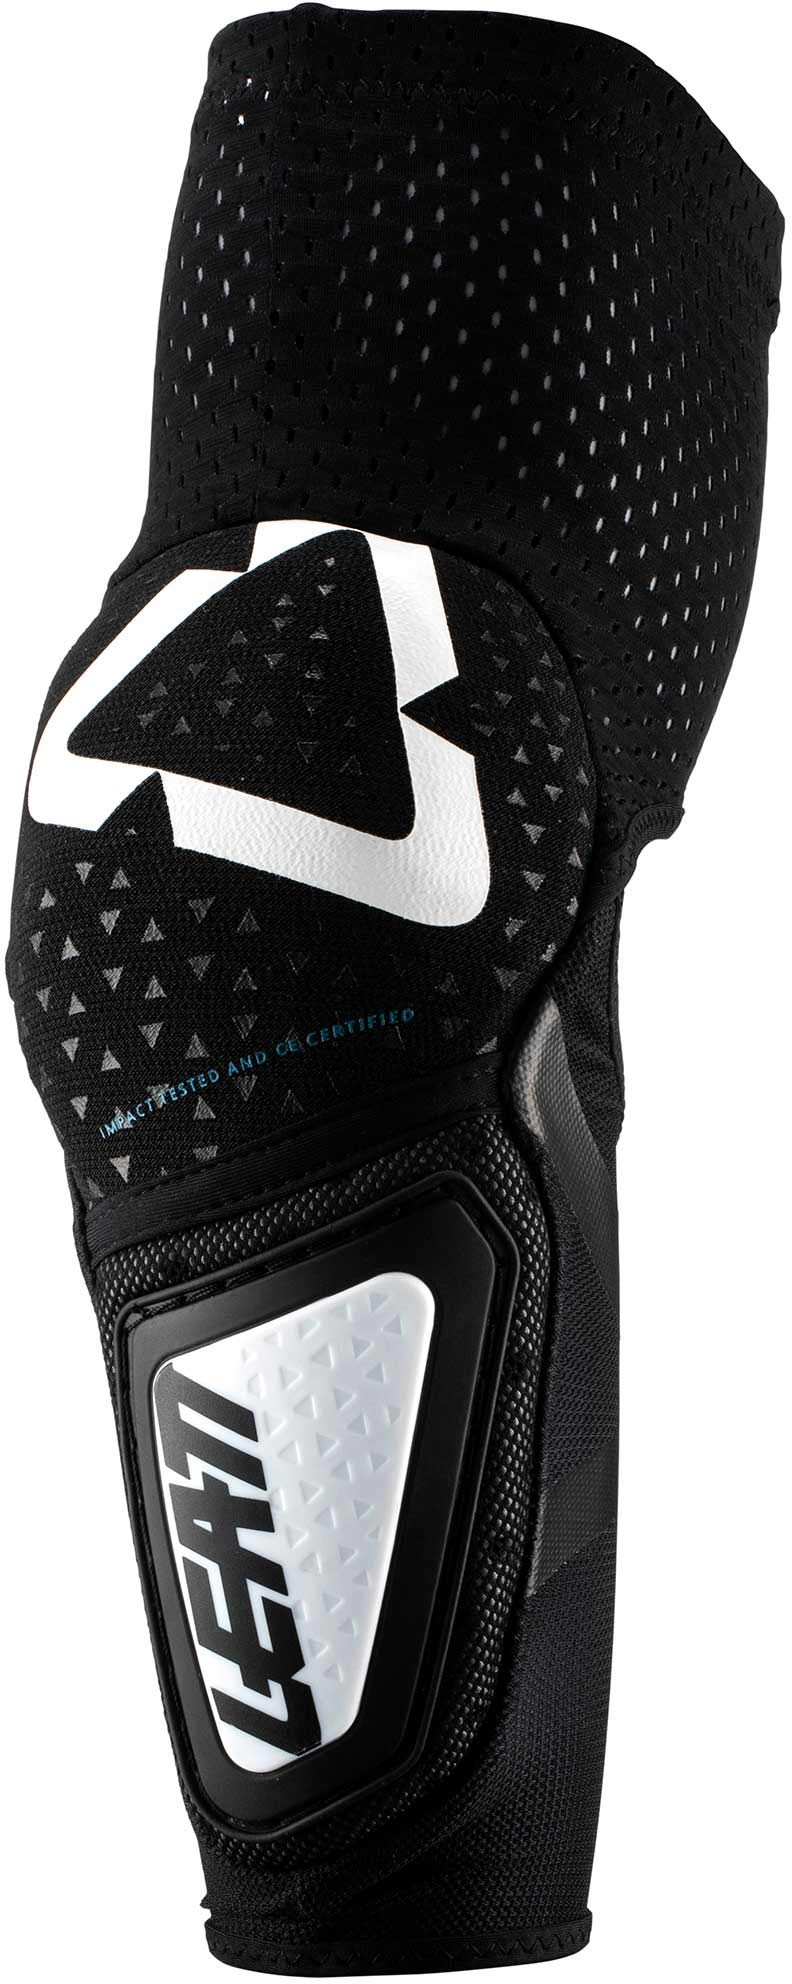 Leatt 3DF Hybrid Elbow Guards-White/Black-XXL by Leatt Brace